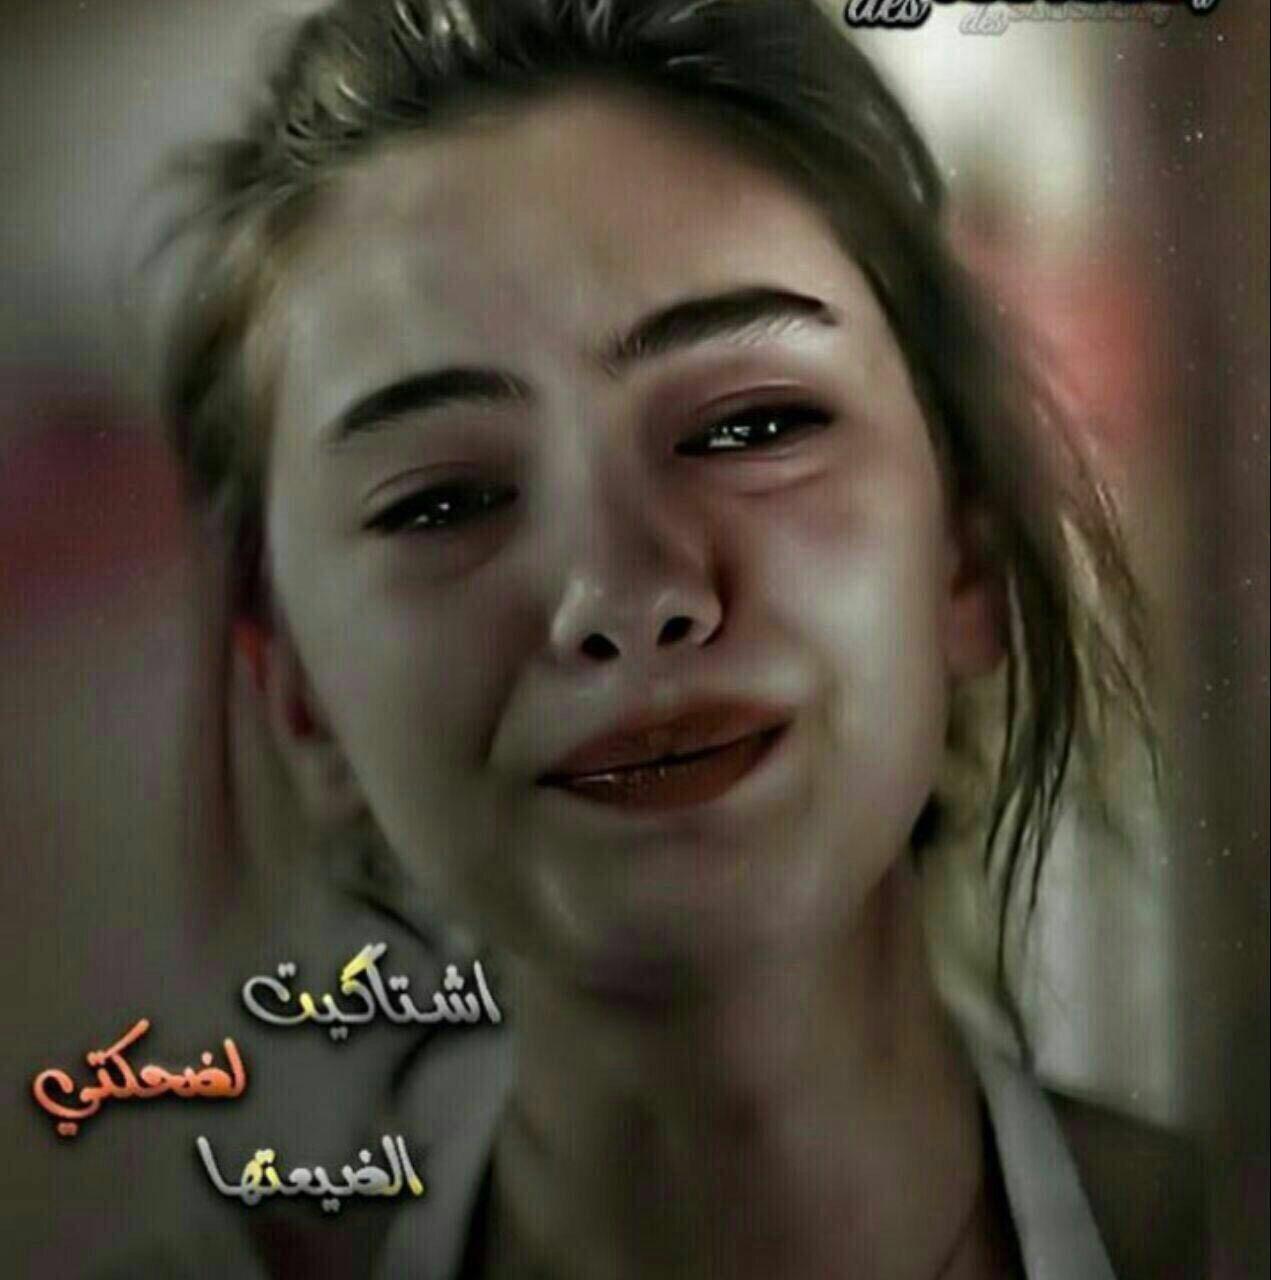 صور صور بنت حزينه , اروع الصور المتنوعة لبنات حزينه موت